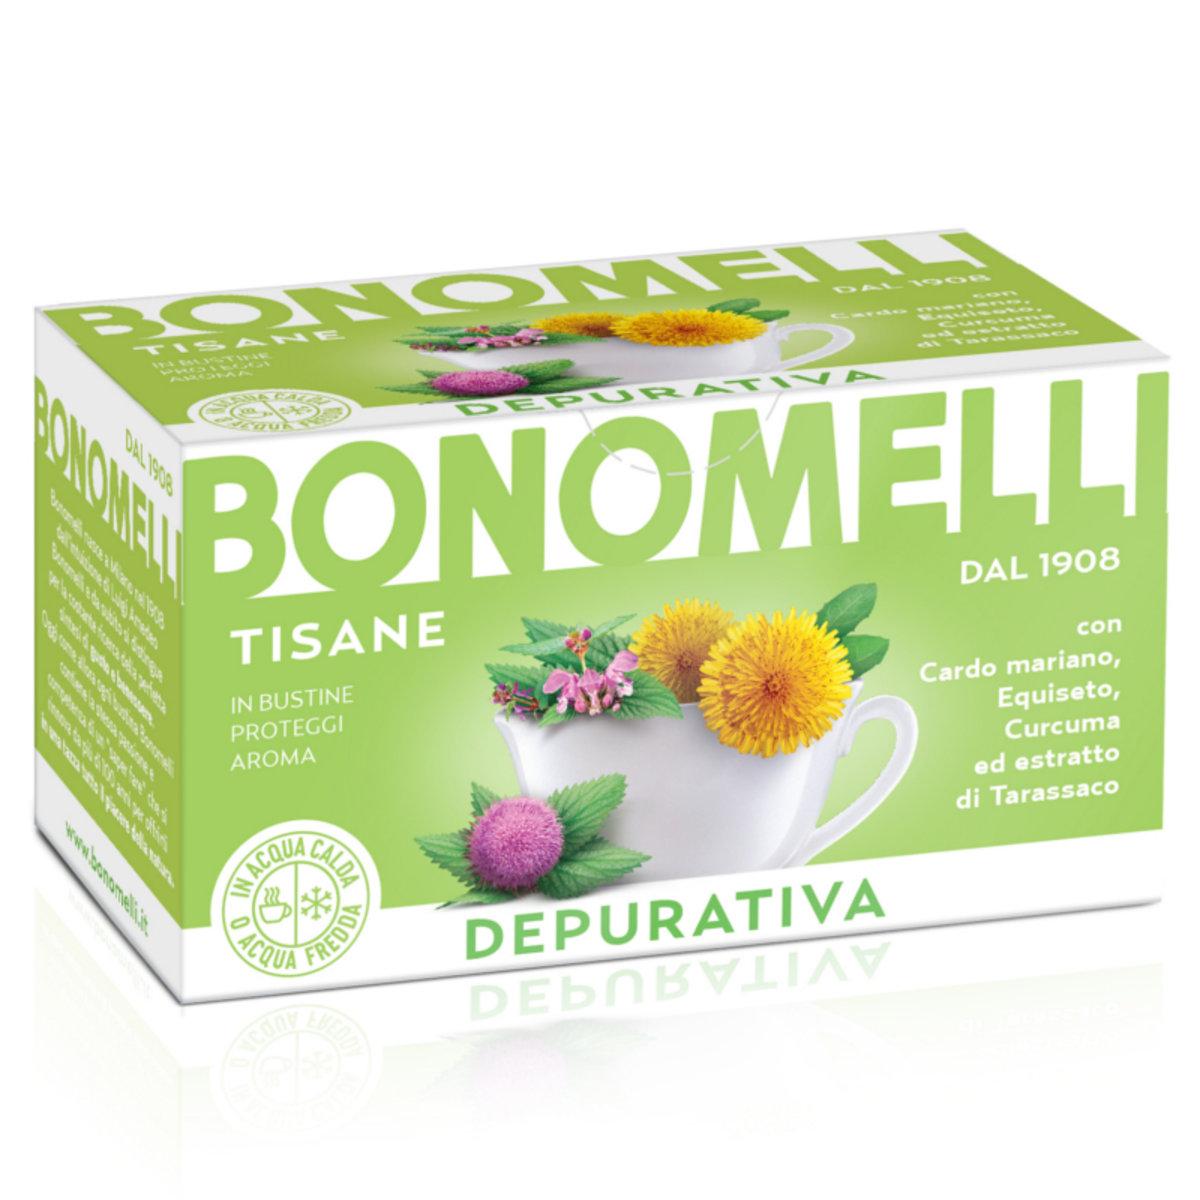 意大利奶薊草蒲公英茶16包